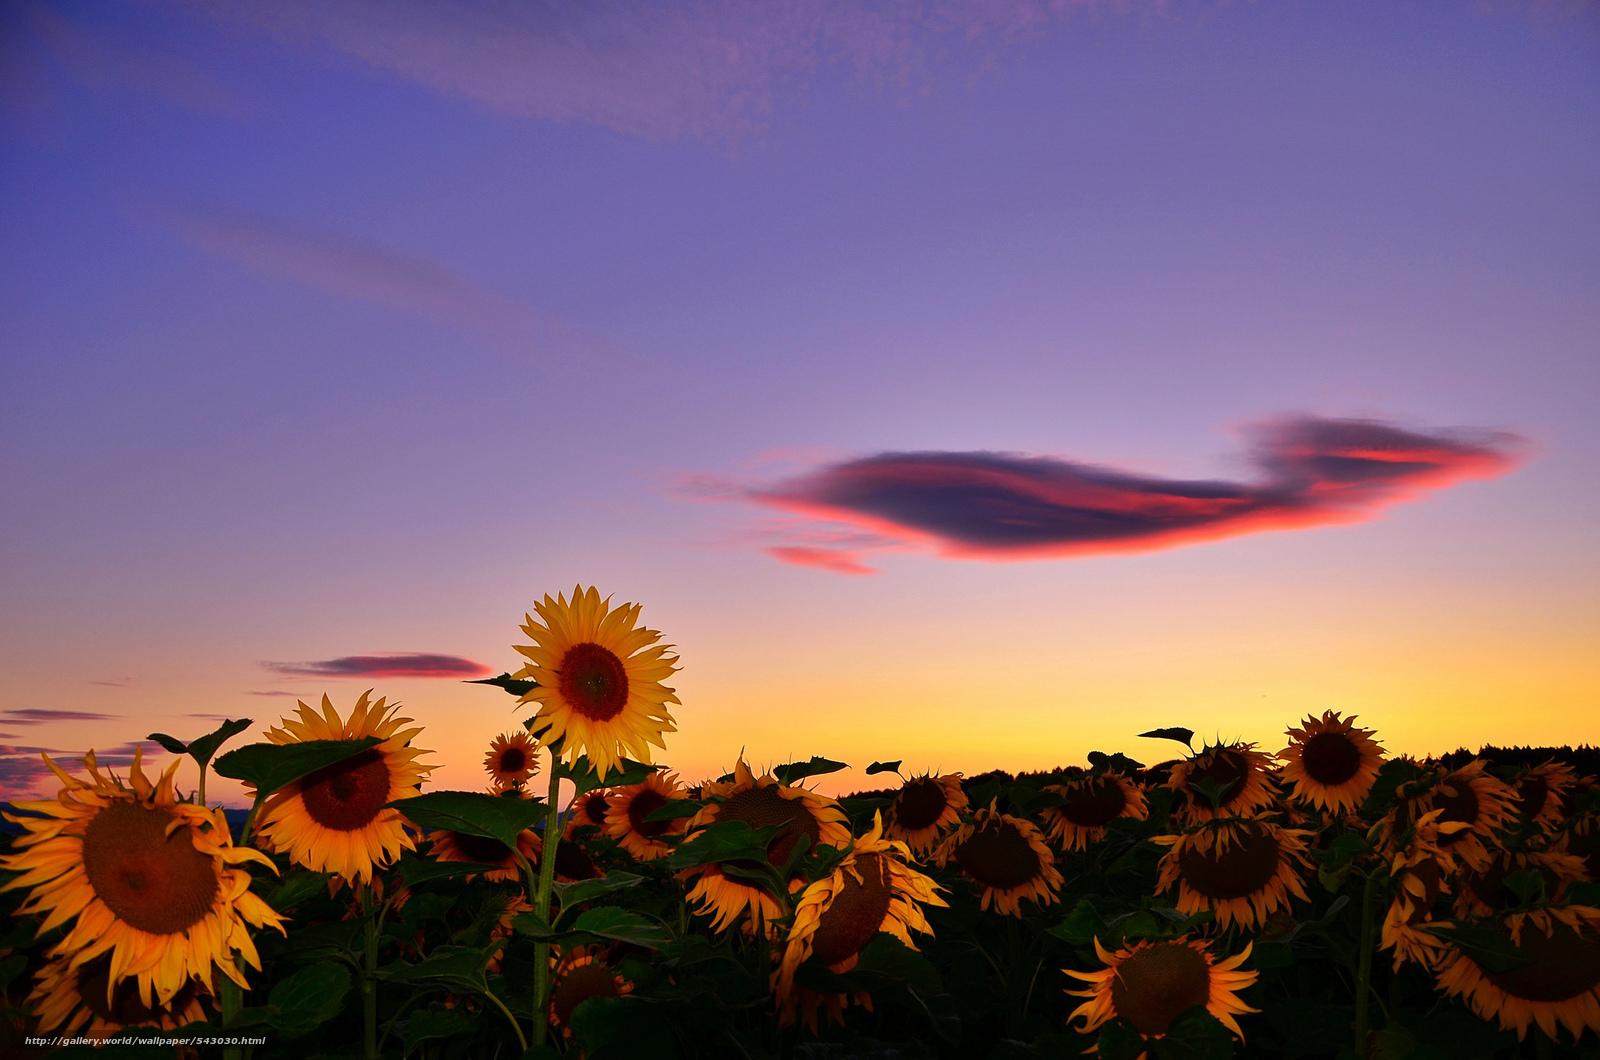 Scaricare gli sfondi campo girasoli tramonto nuvola for Girasoli tumblr